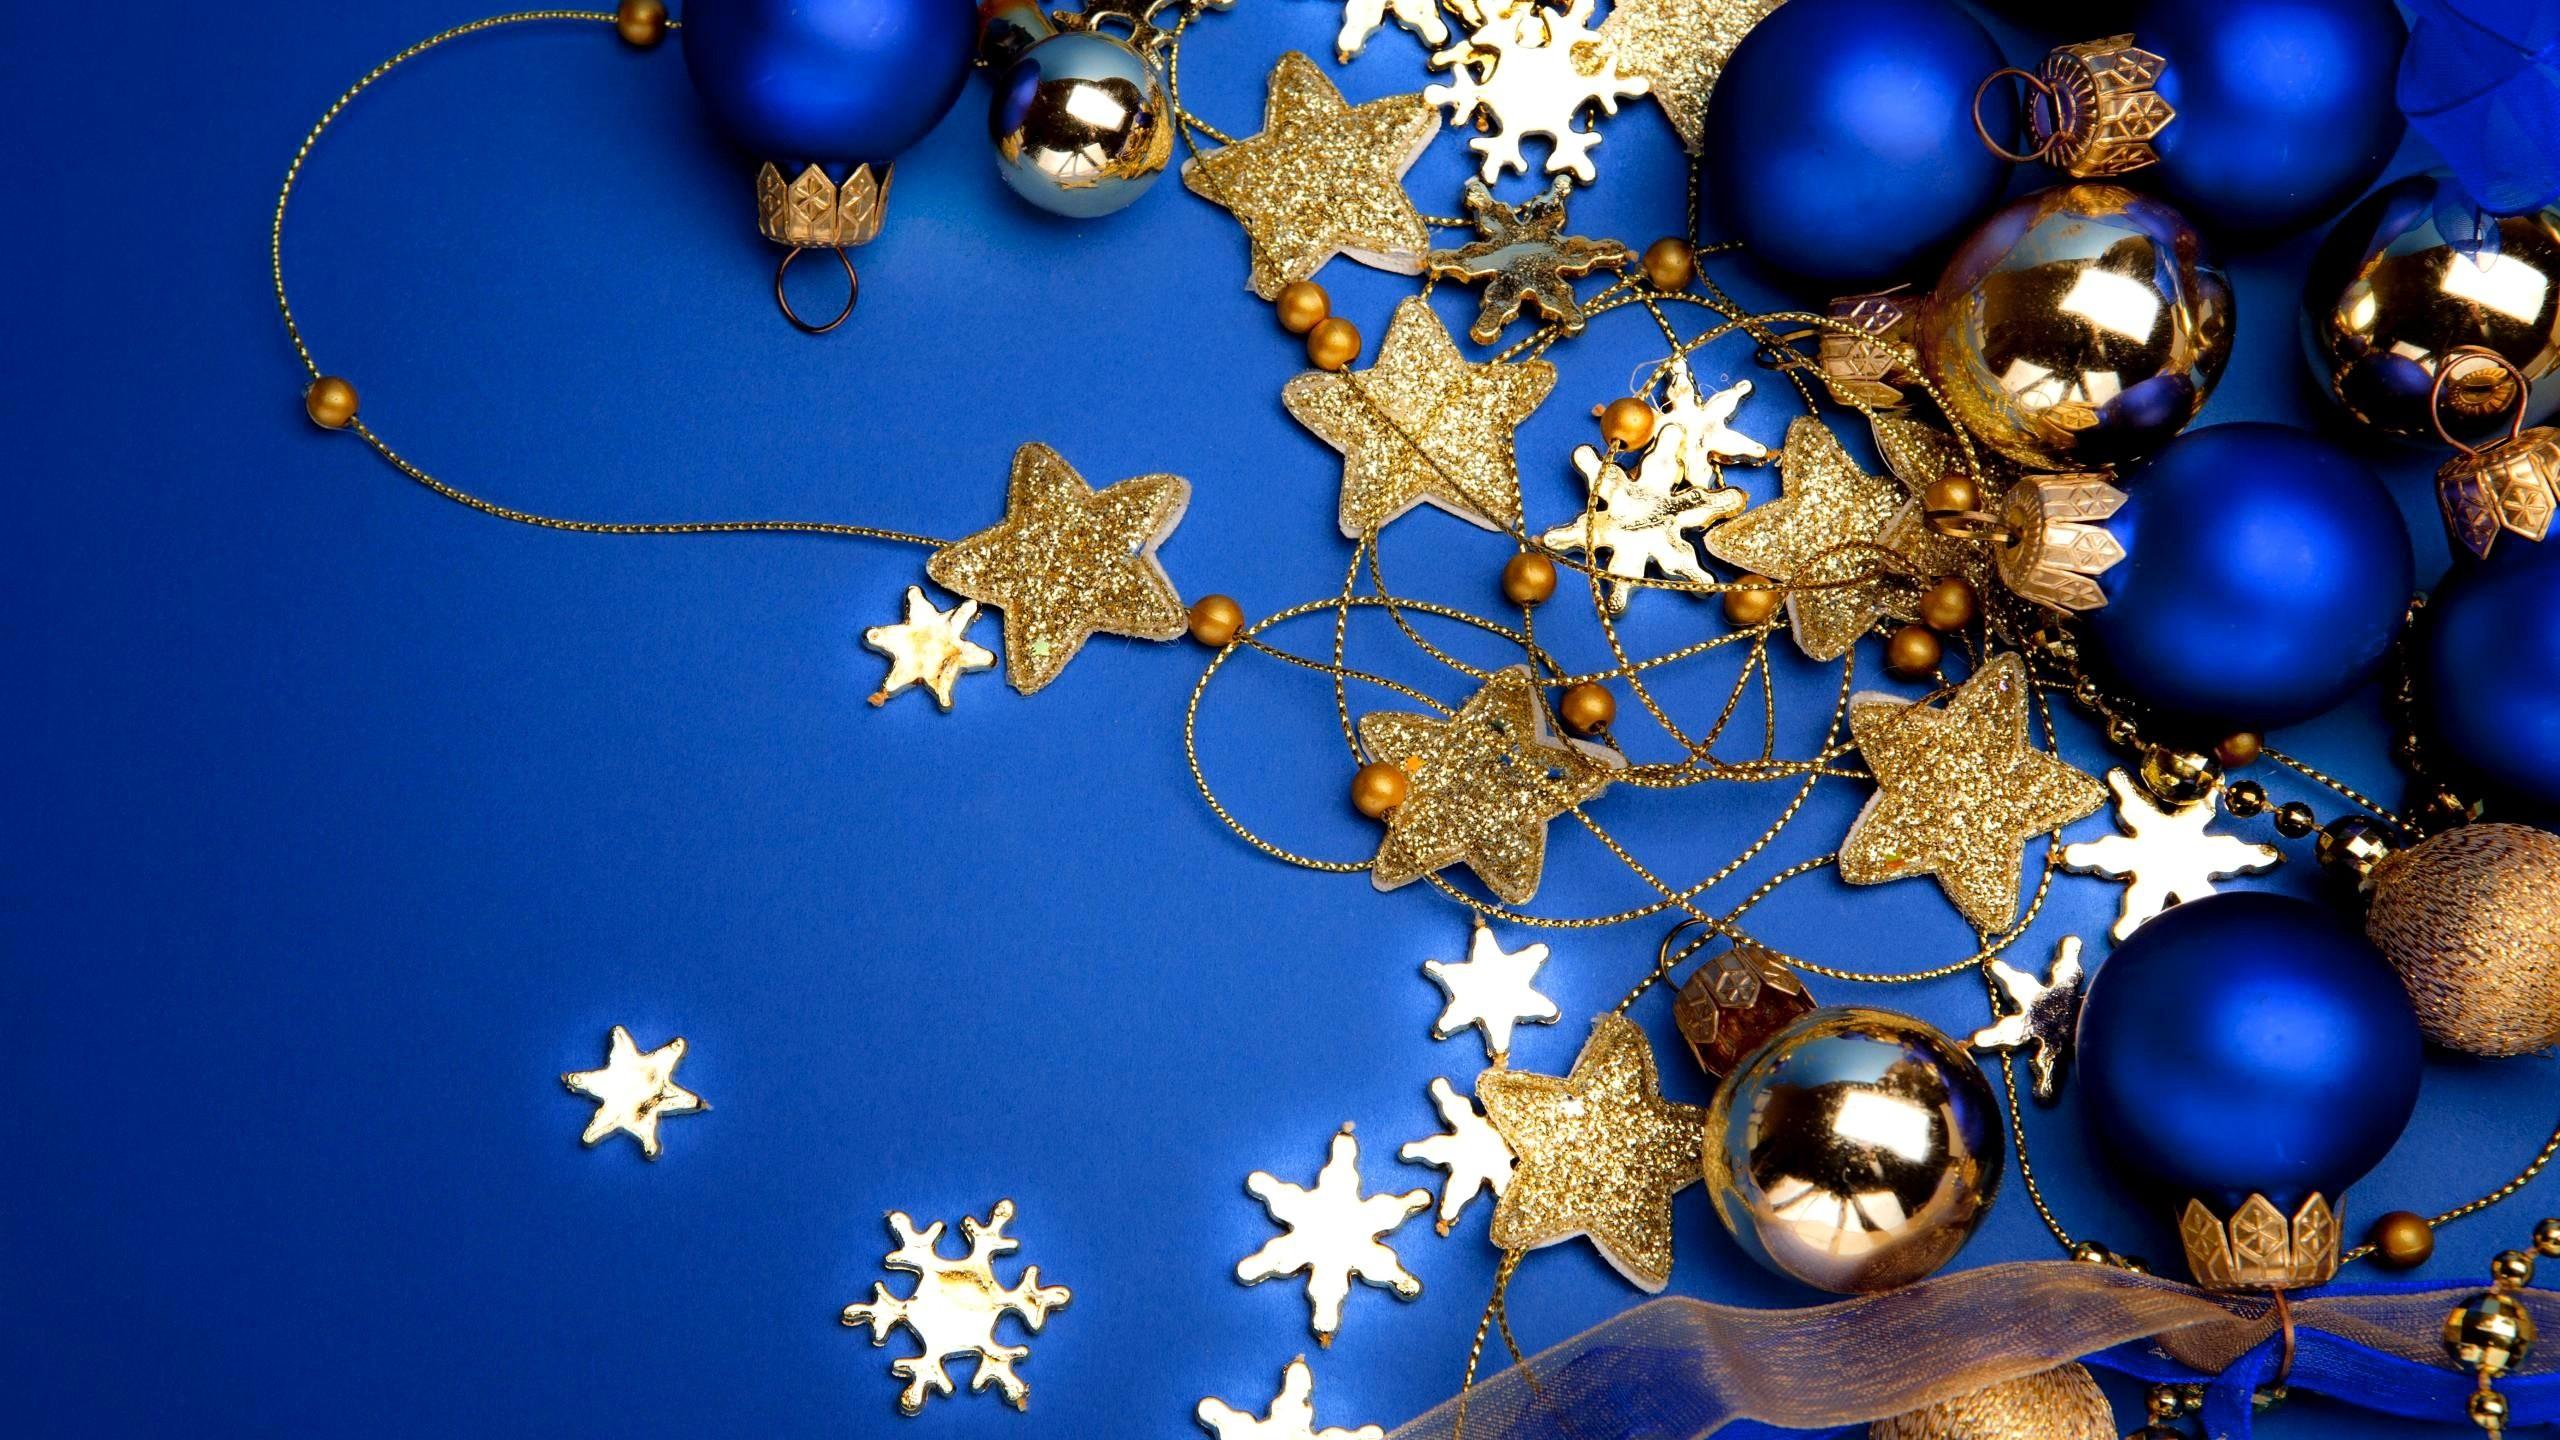 Blue Christmas Wallpaper for Desktop.